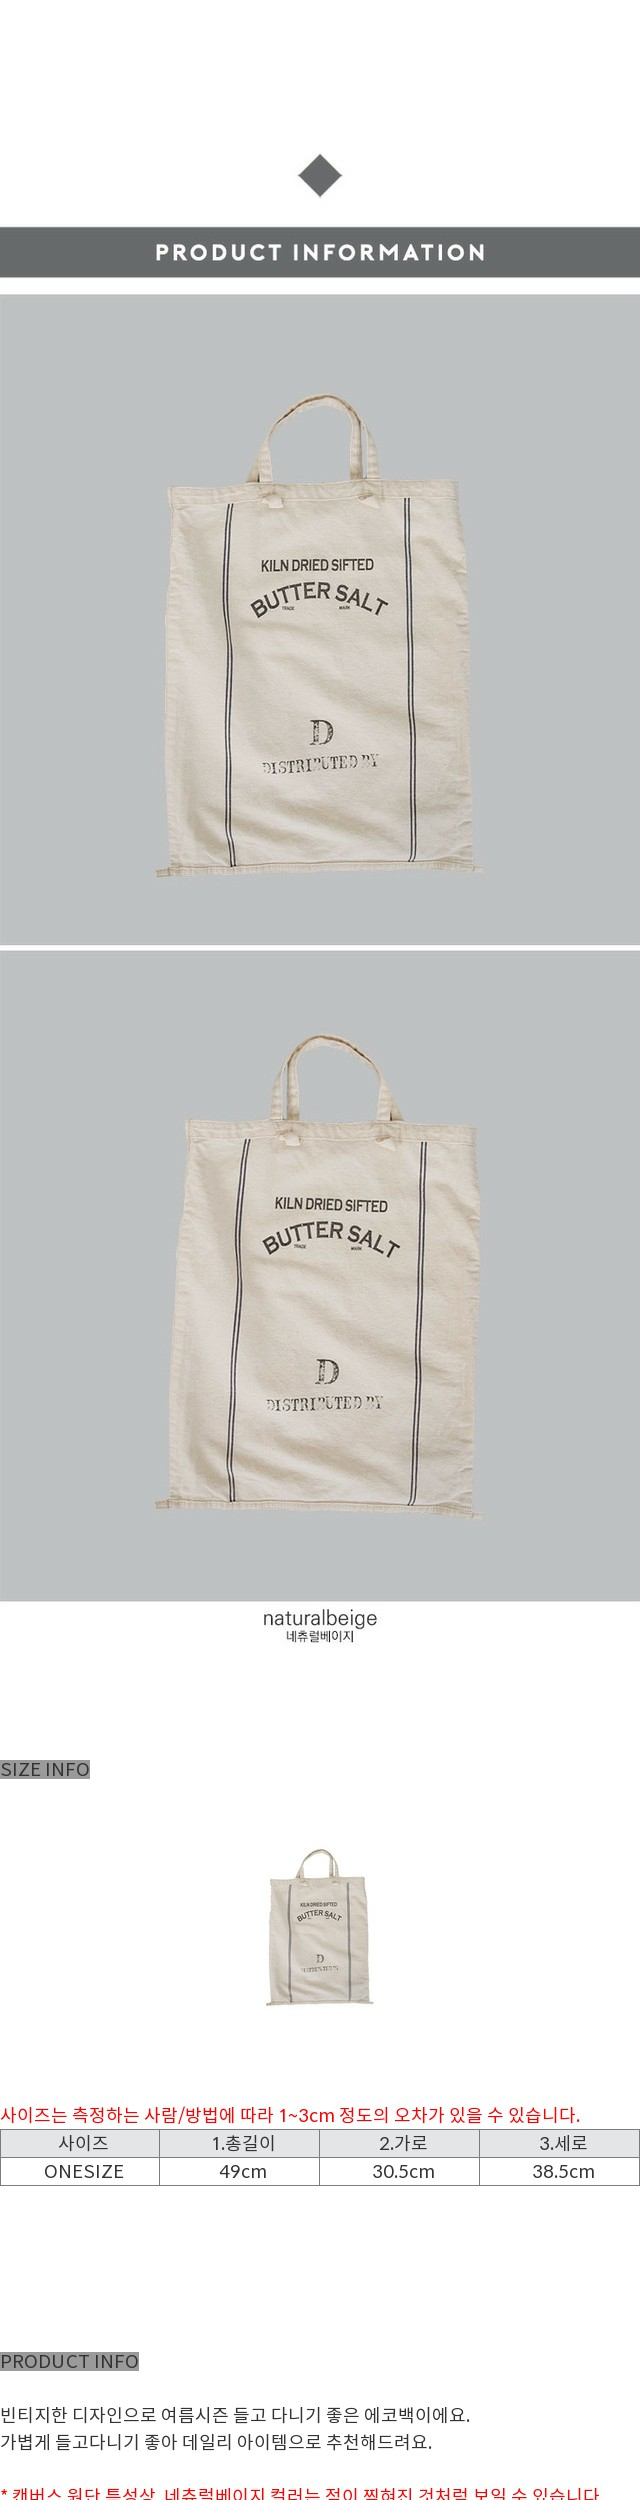 Buter salt (bag)